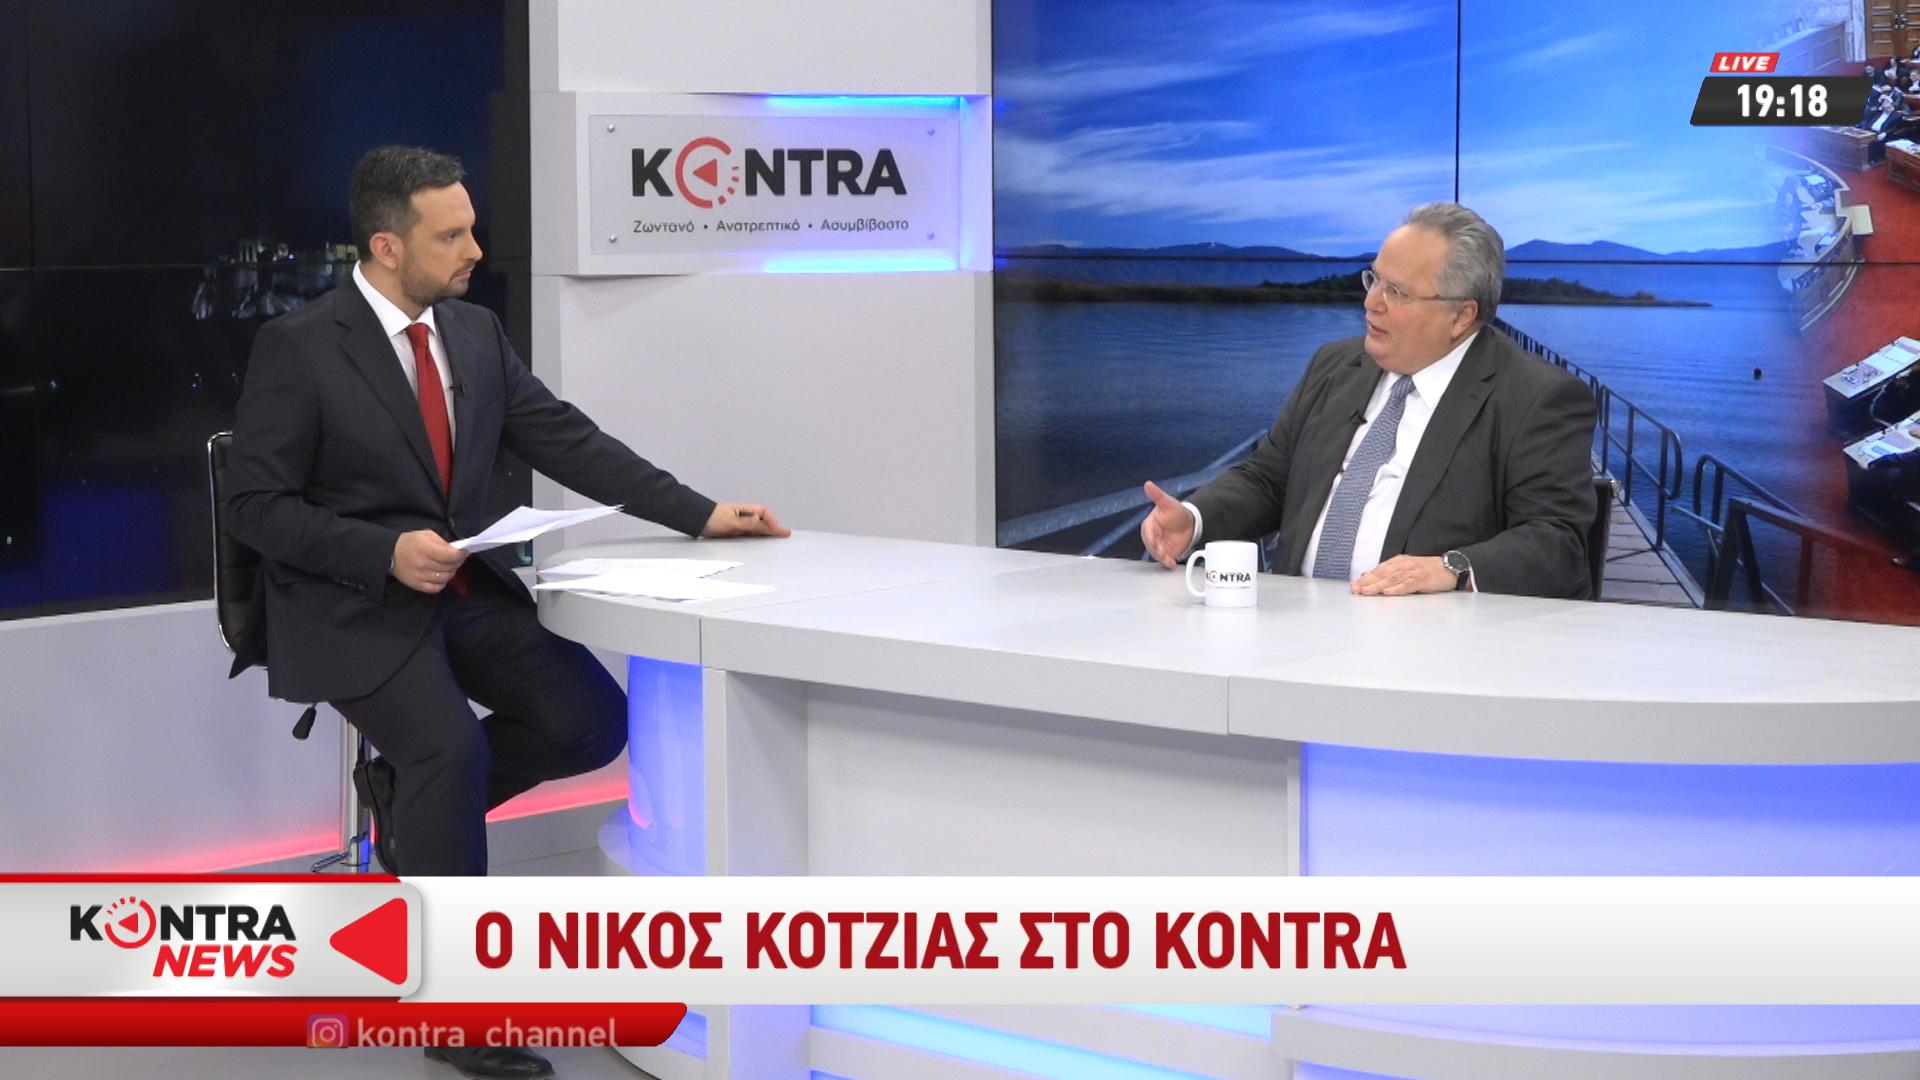 Τι αποκάλυψε ο Ν. Κοτζιάς στο Kontra για τη συμφωνία των Πρεσπών και για το «Veto» Καραμανλή